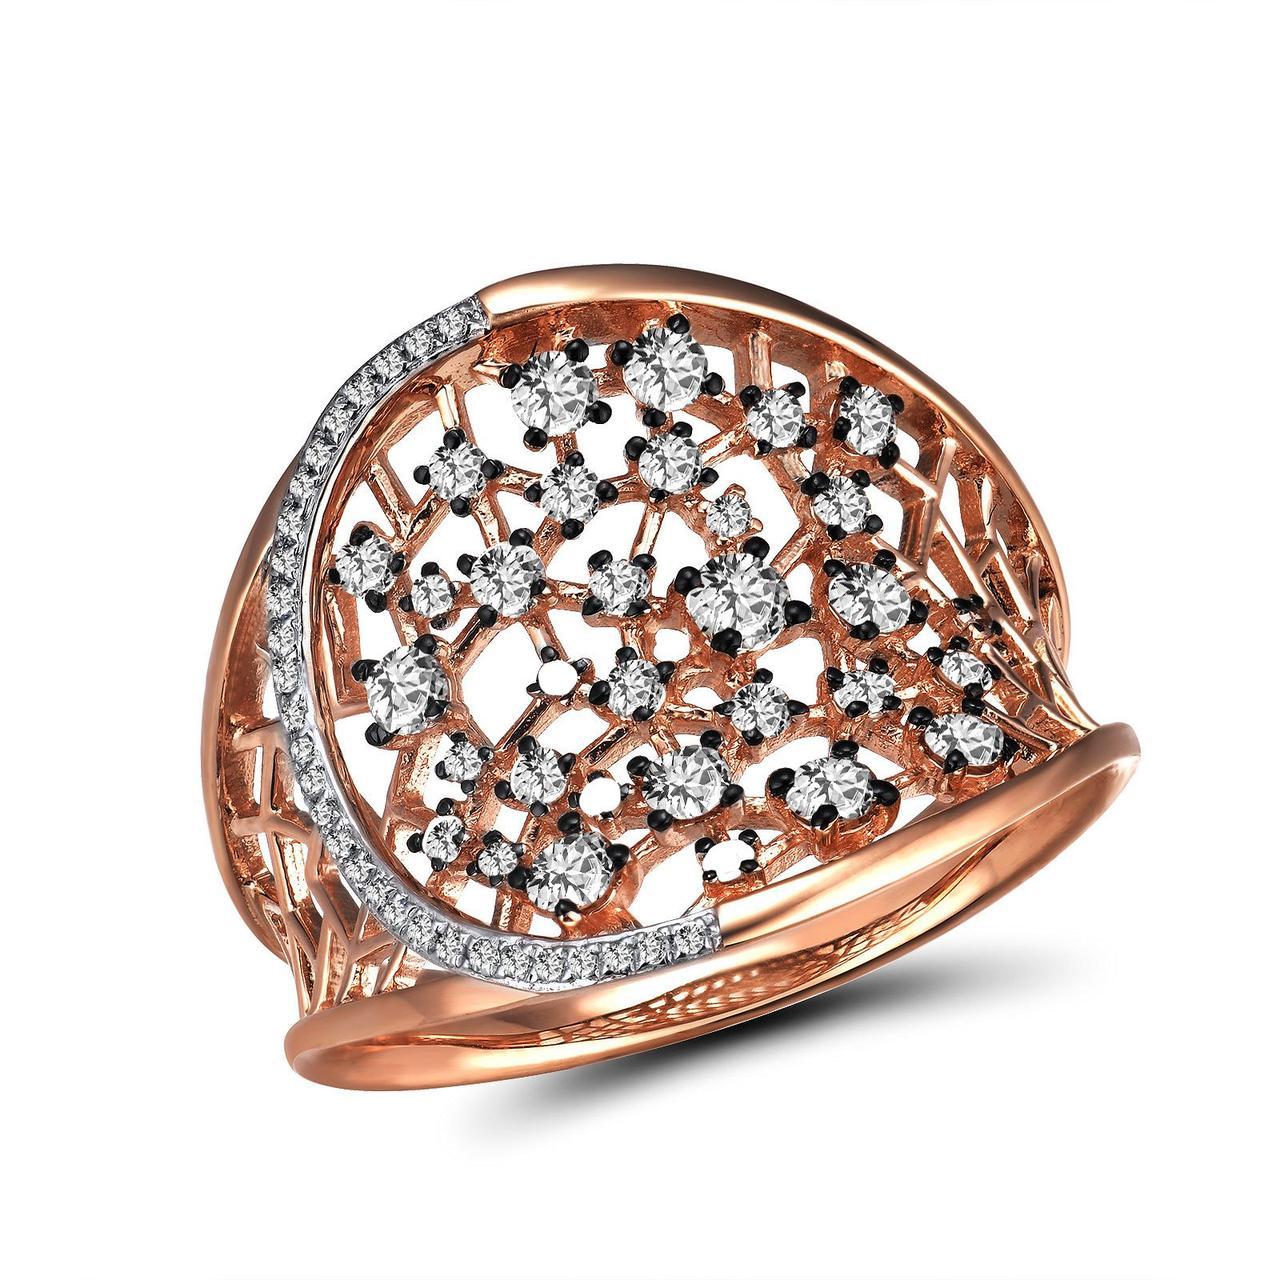 Золотое кольцо с бриллиантами, размер 18 (1694189)